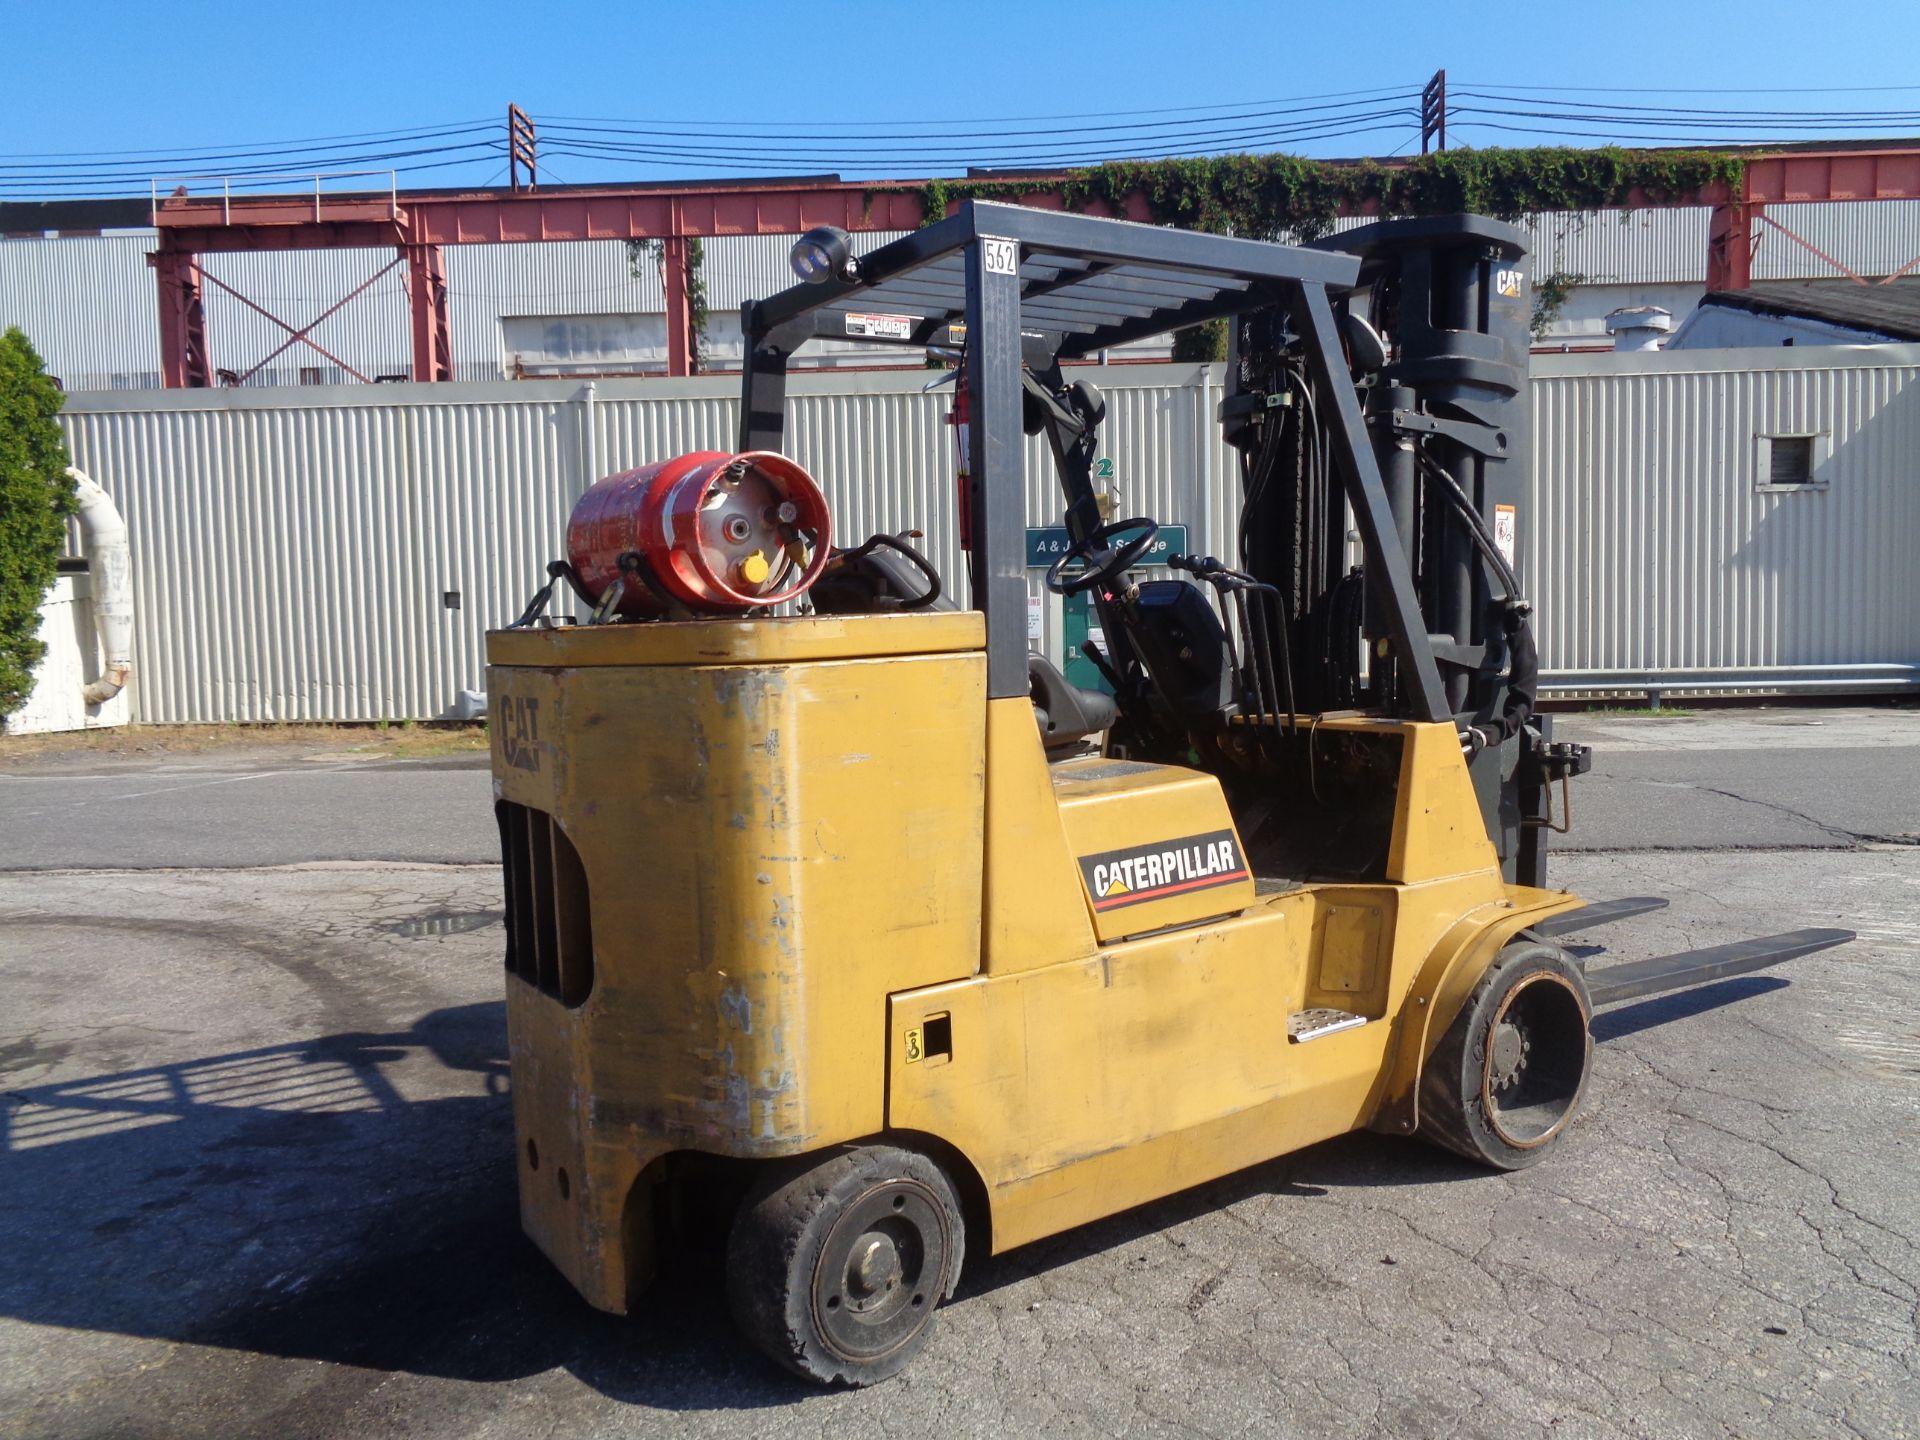 Caterpillar GC55KSTR 11,000lb Forklift - Image 8 of 14